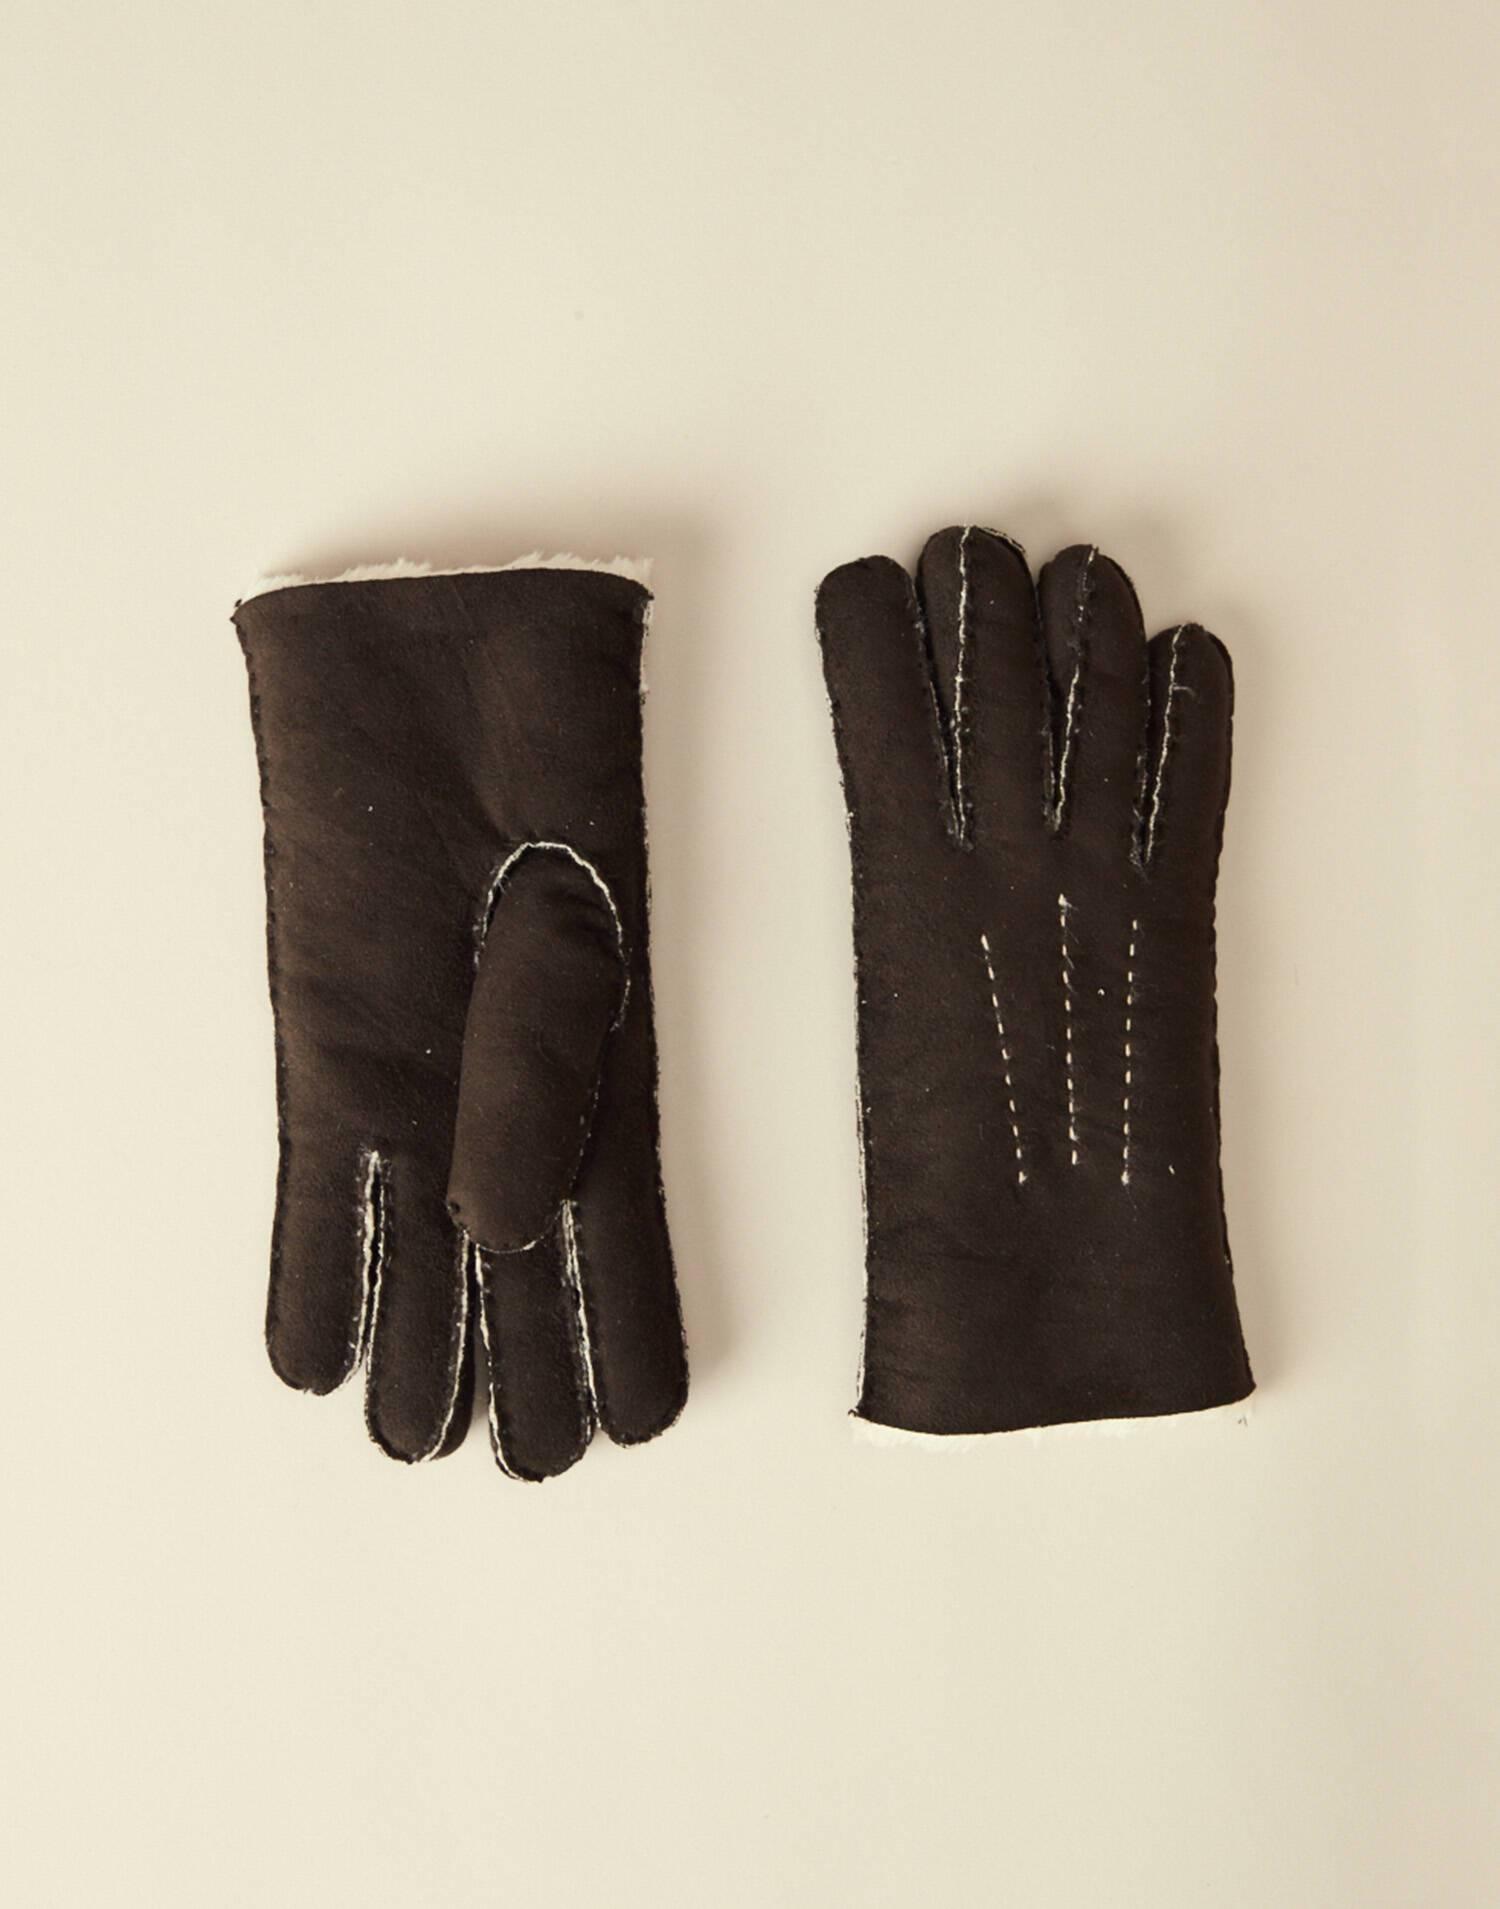 Soft suede glove men